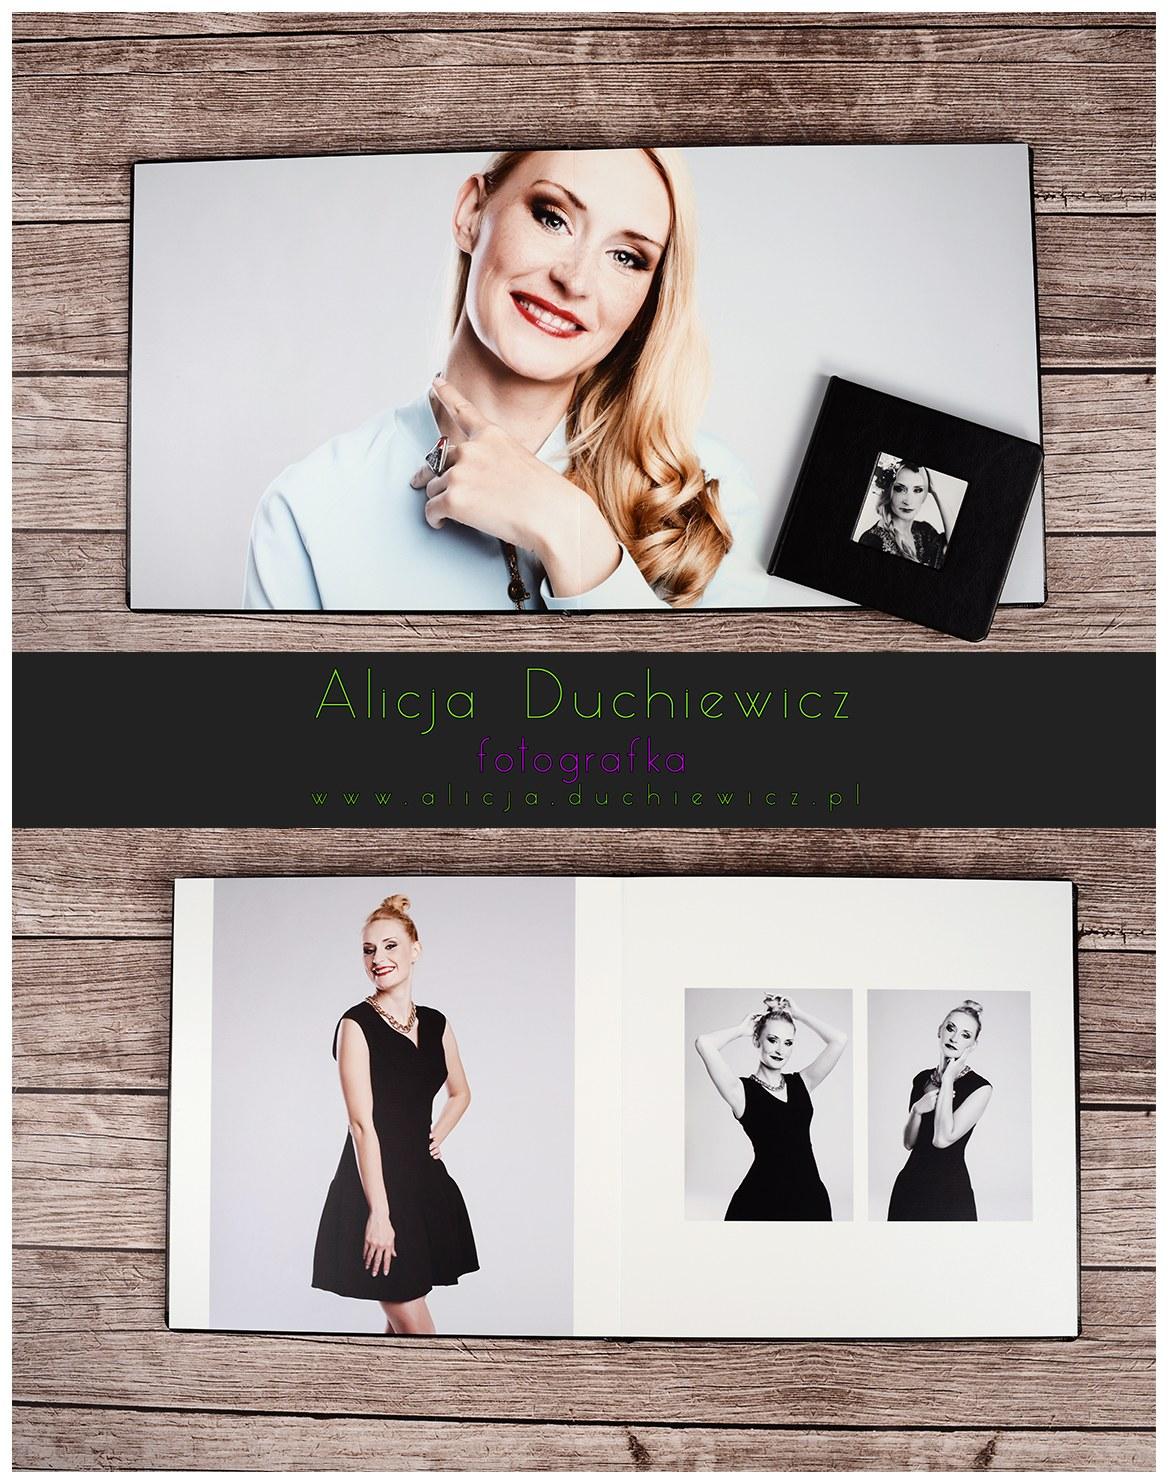 fotoksiążka Alicja Duchiewicz